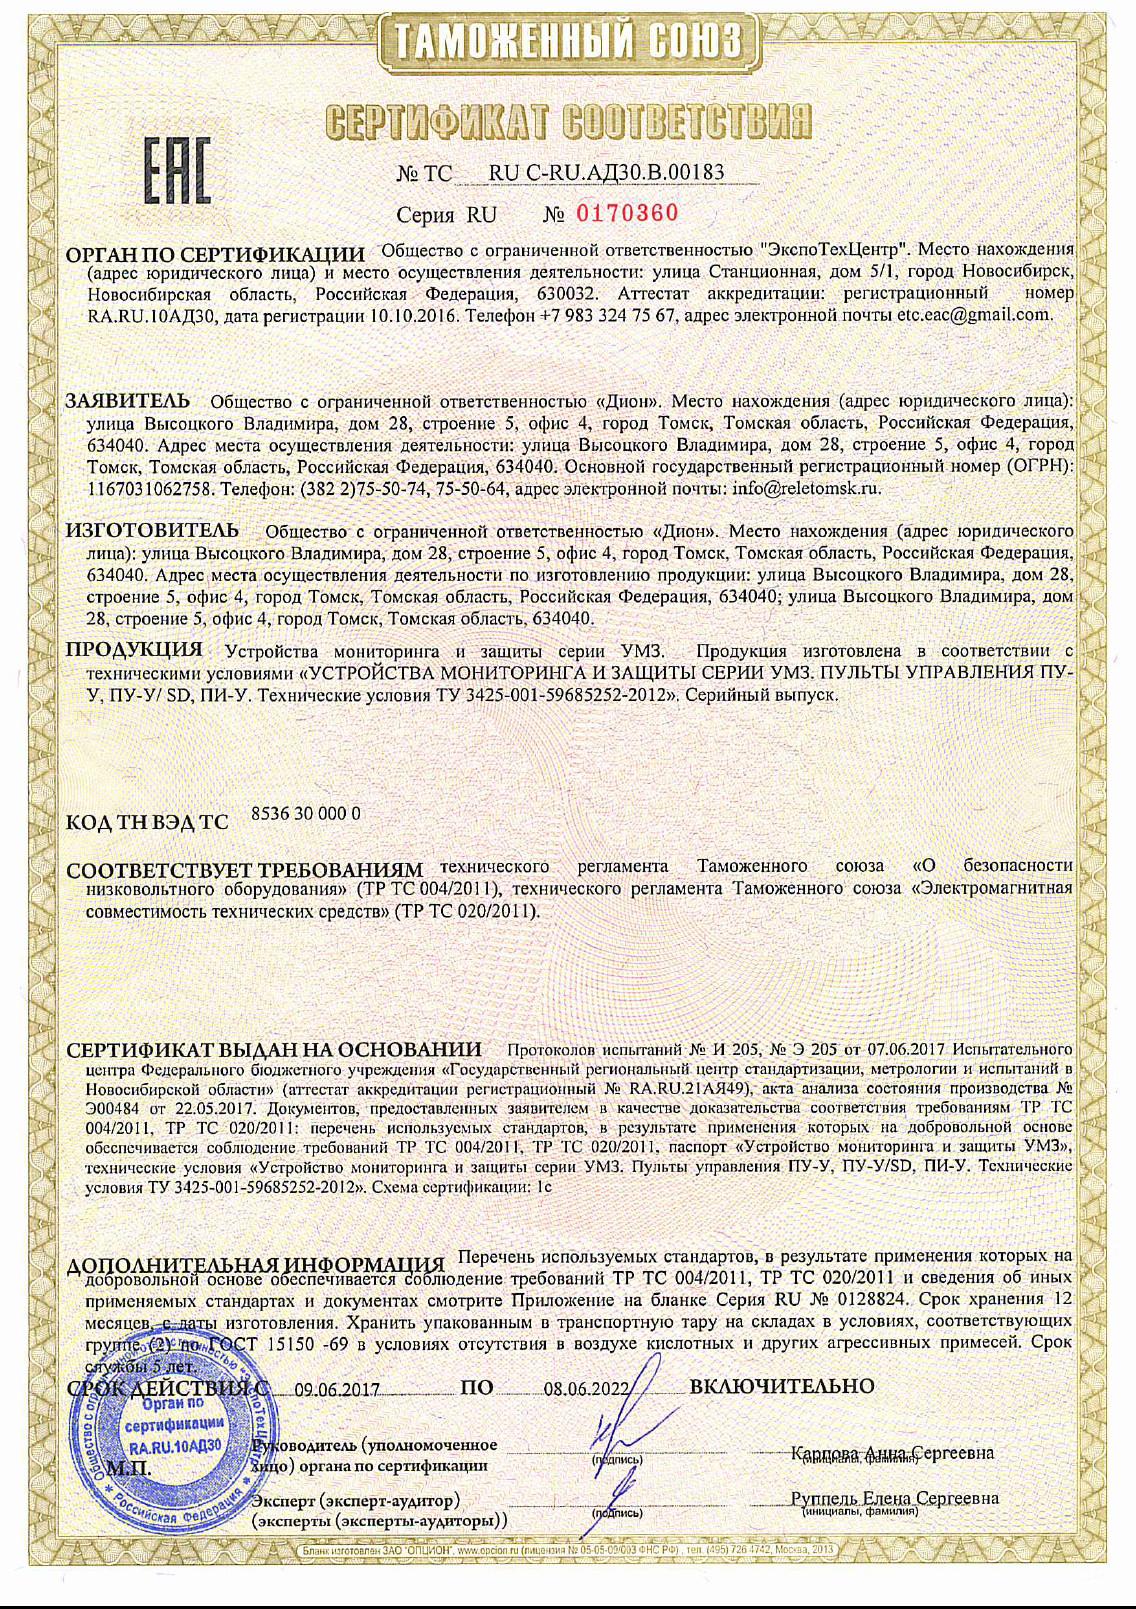 Новосибирск мониторинг и сертификация на красина сертификация услуг в о.а.э